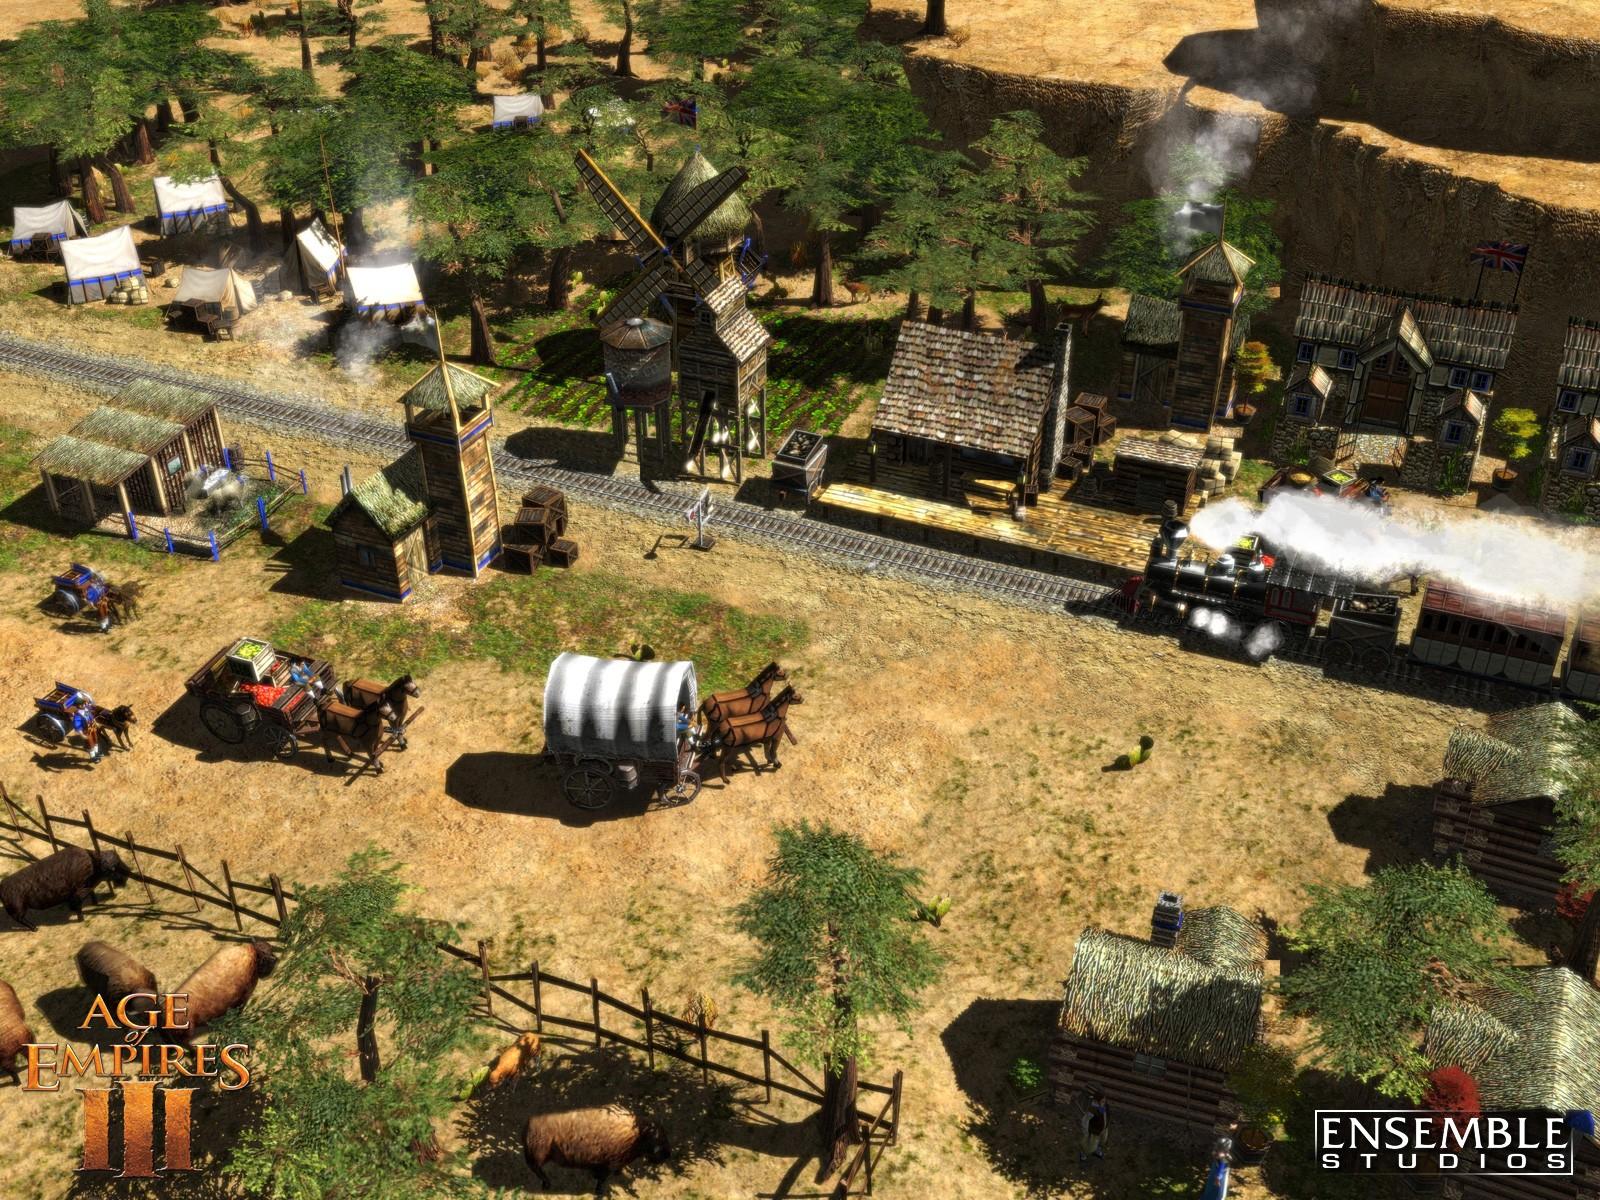 帝国时代全系列 帝国时代3全地图 帝国时代2 HD 宣布宣传片